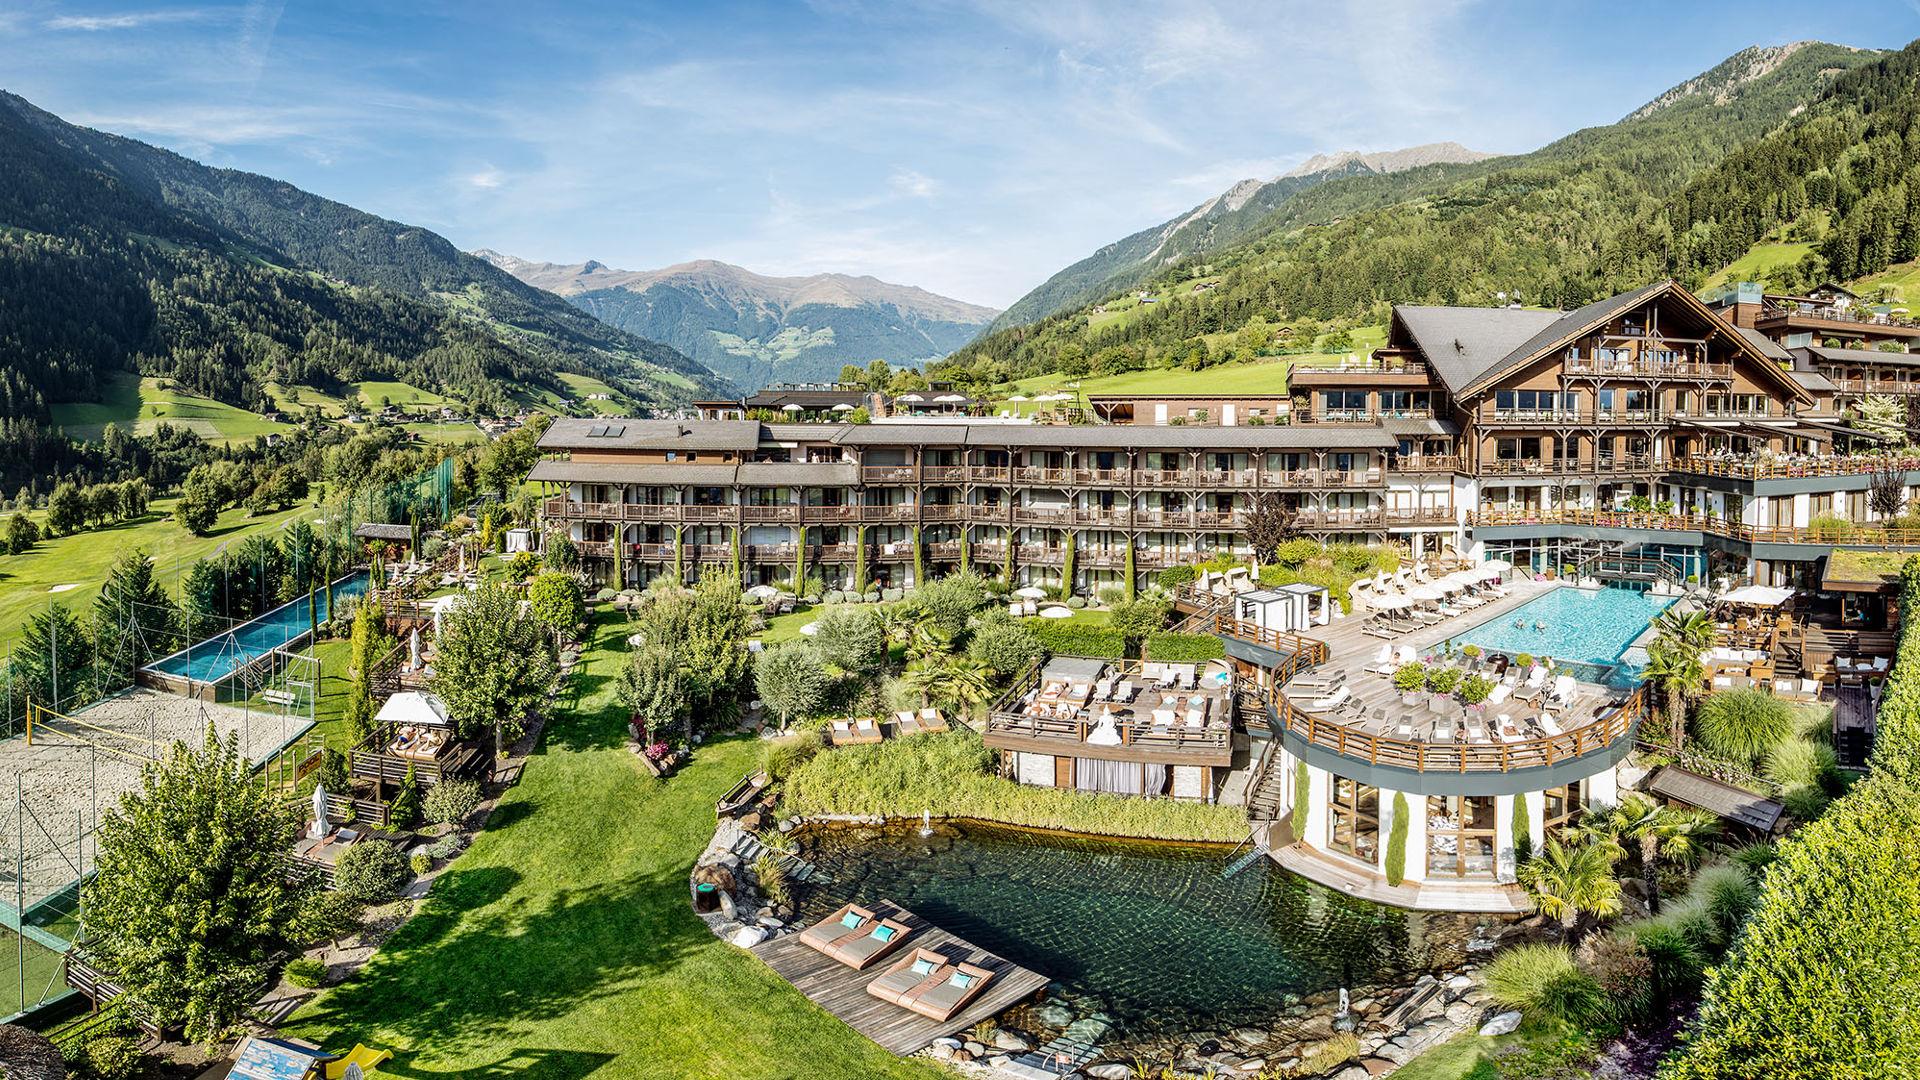 Spa Hotel Benessere Andreus Resort Val Passiria vicino Merano